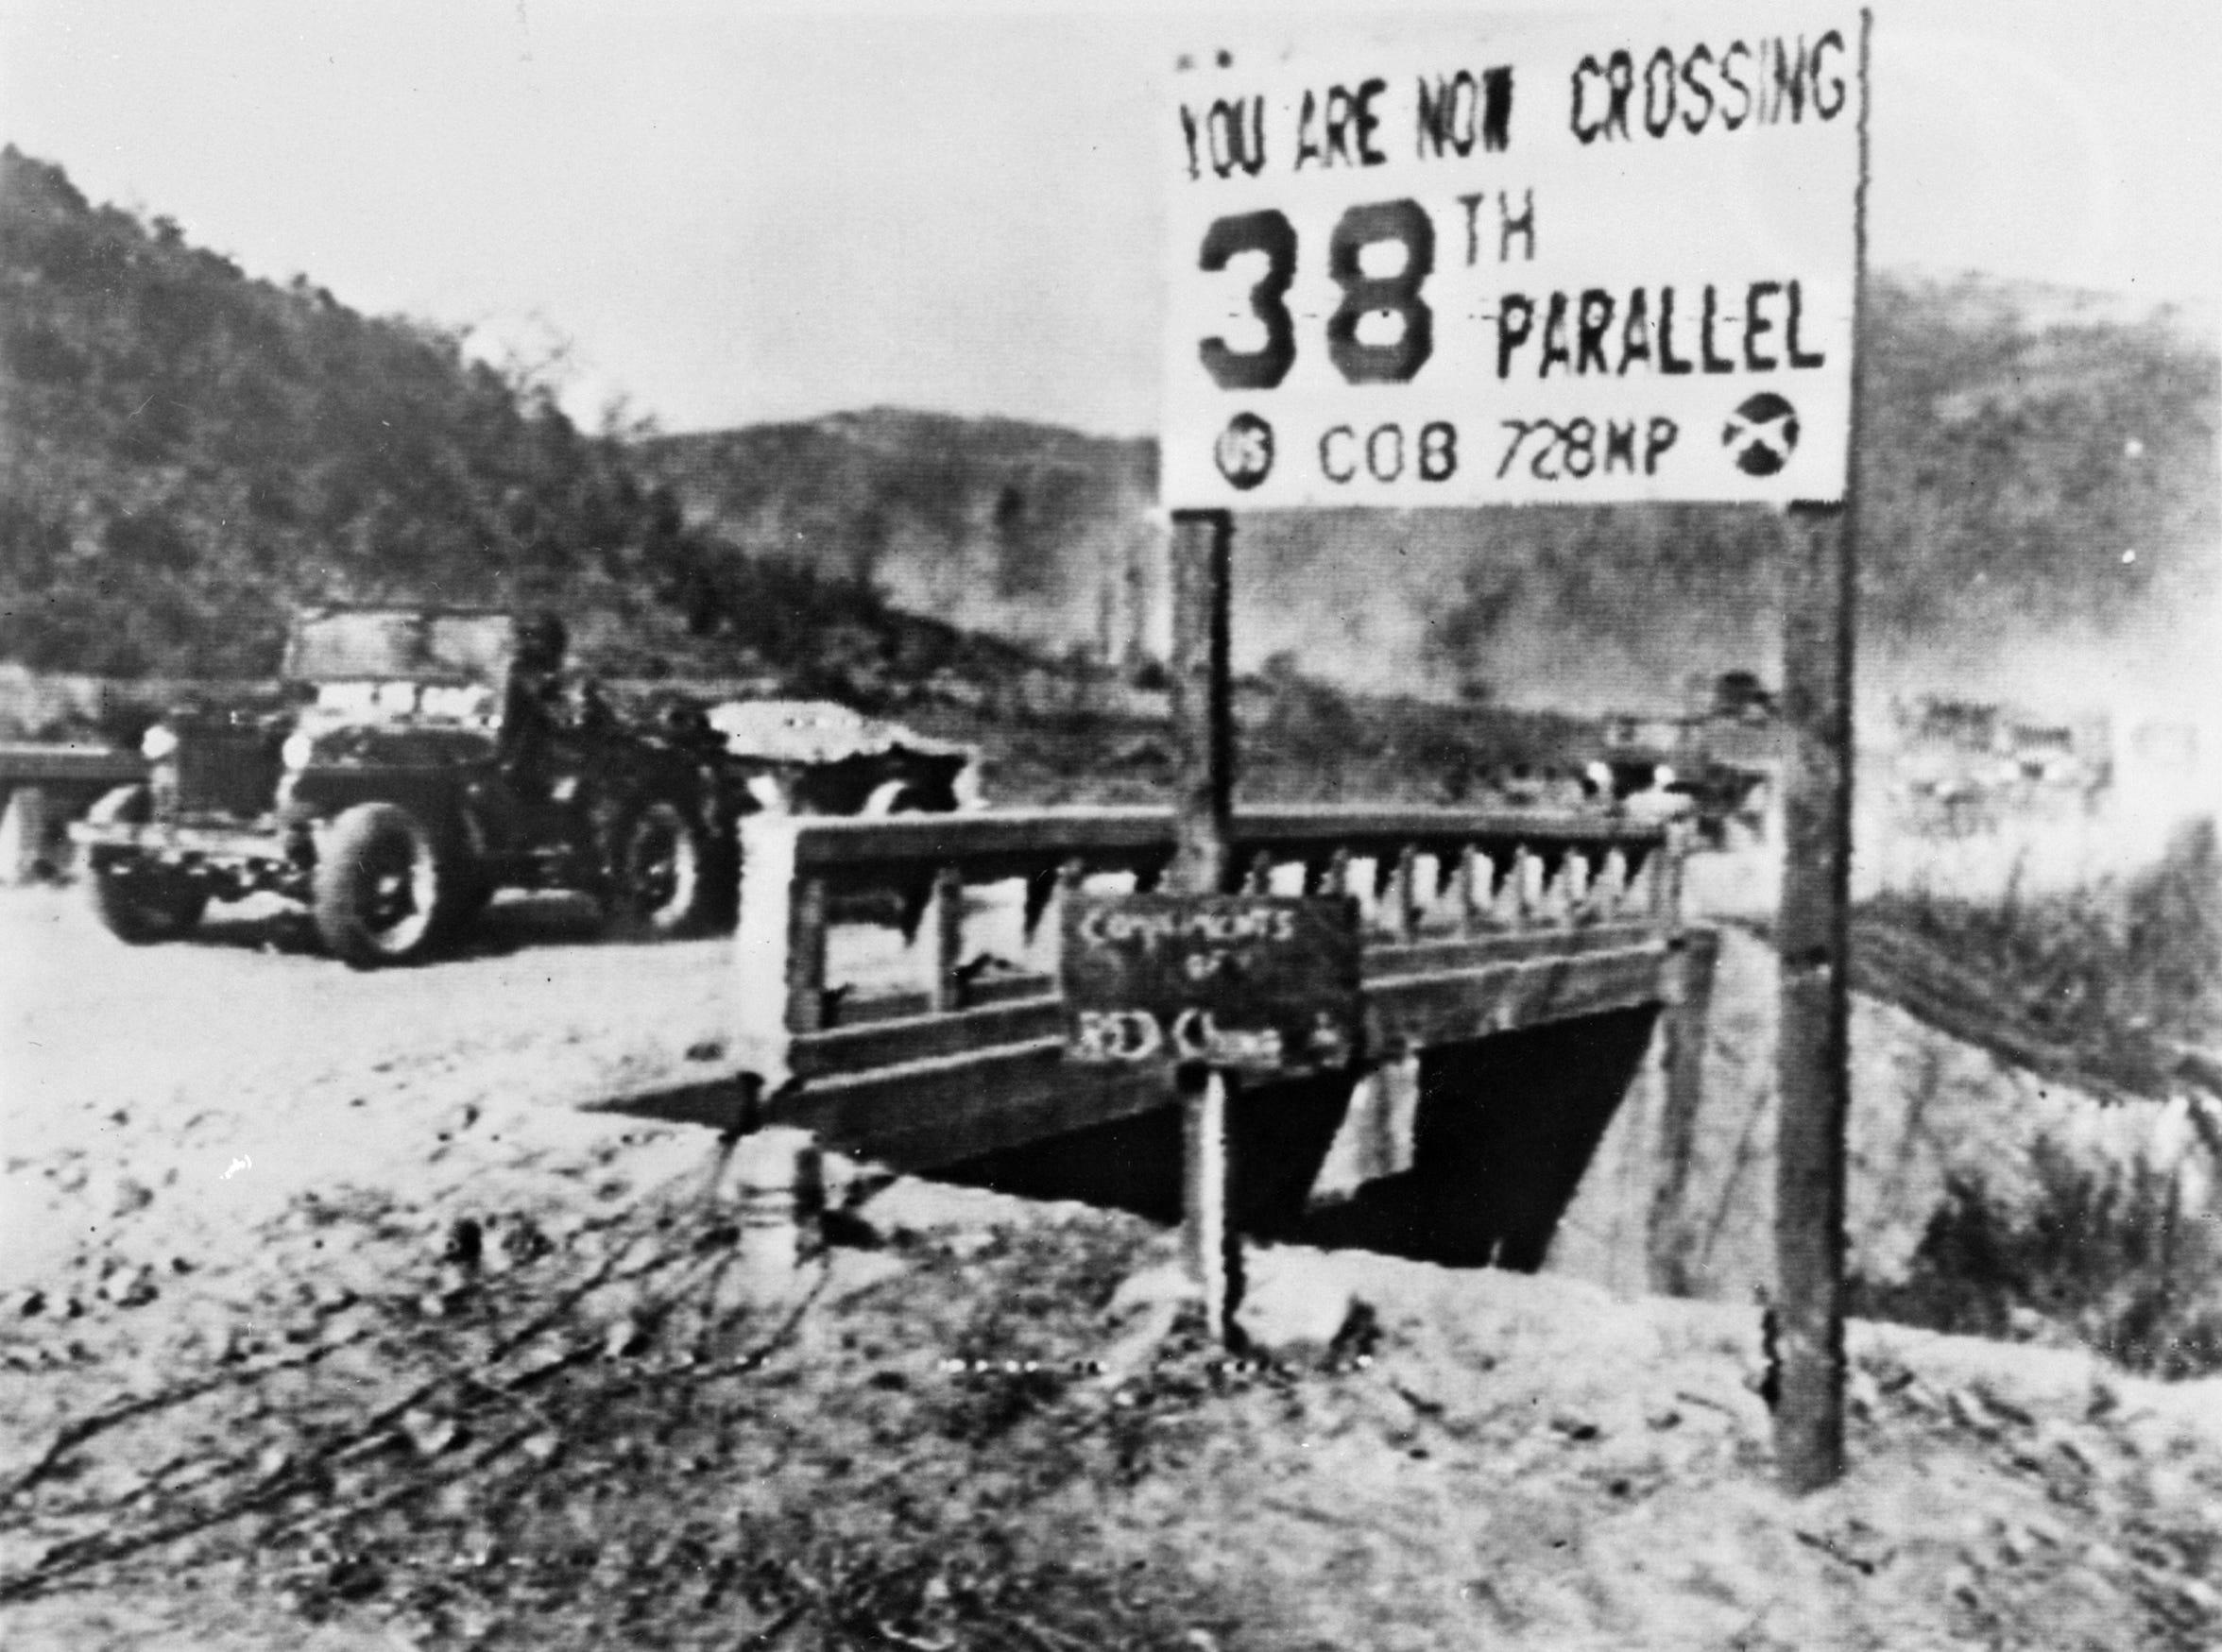 Un jeep cruza hacia el sur del paralelo 38, que separa las dos Coreas, norte y sur, en 1950.